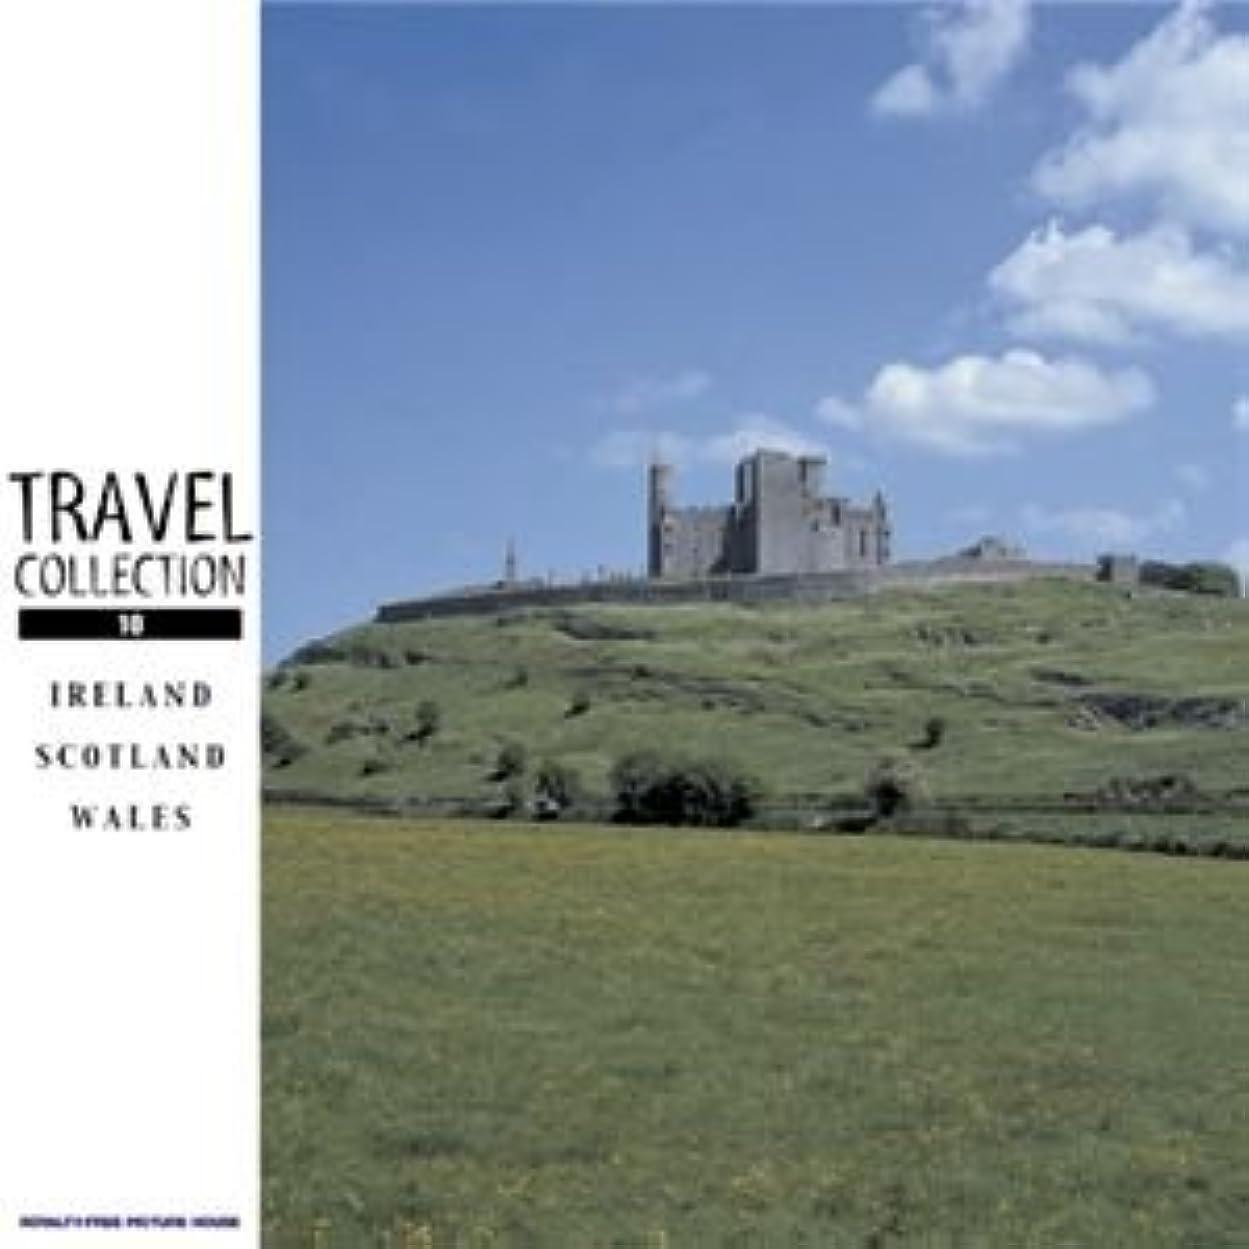 逃れる絶縁する断言する写真素材 Travel Collection Vol.010 アイルランド ds-67852